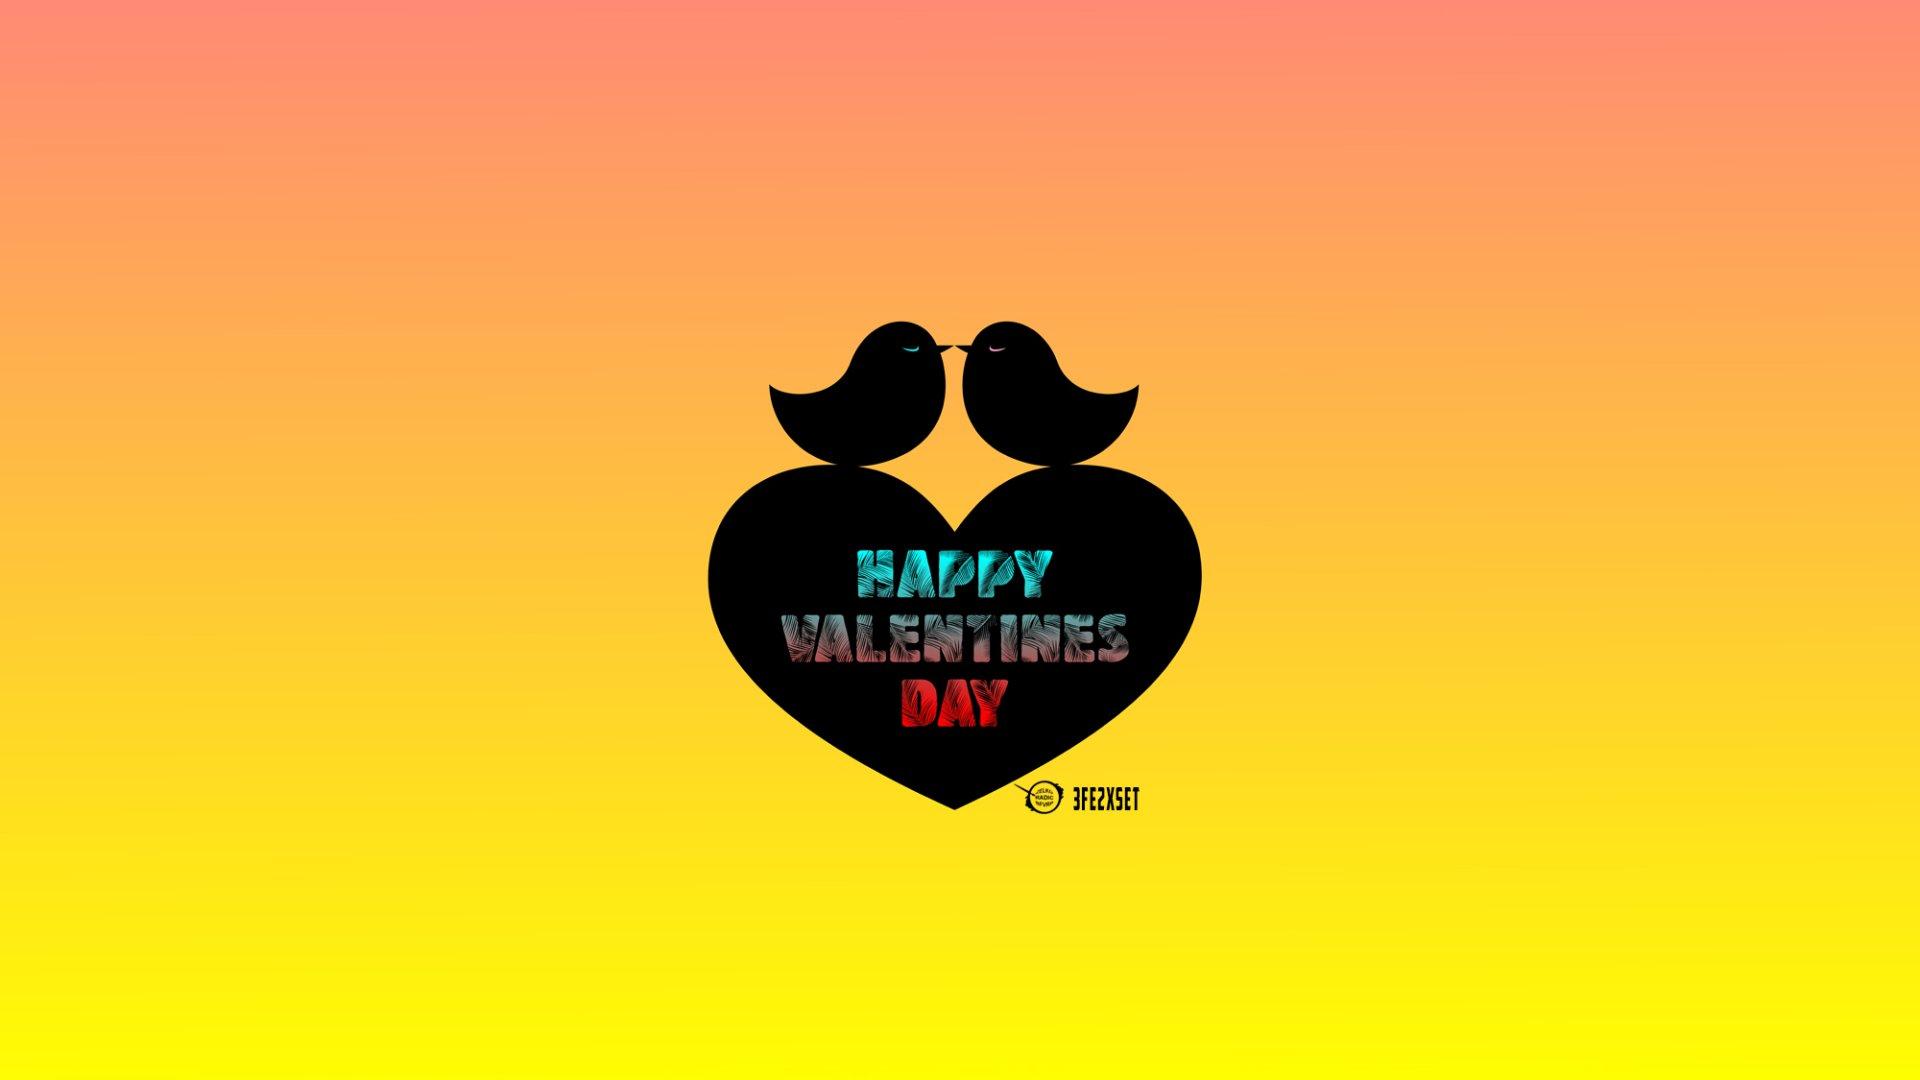 Праздничные - День Святого Валентина  Happy Valentine's Day Праздничные Сердце Птицы Colorful Художественные Обои